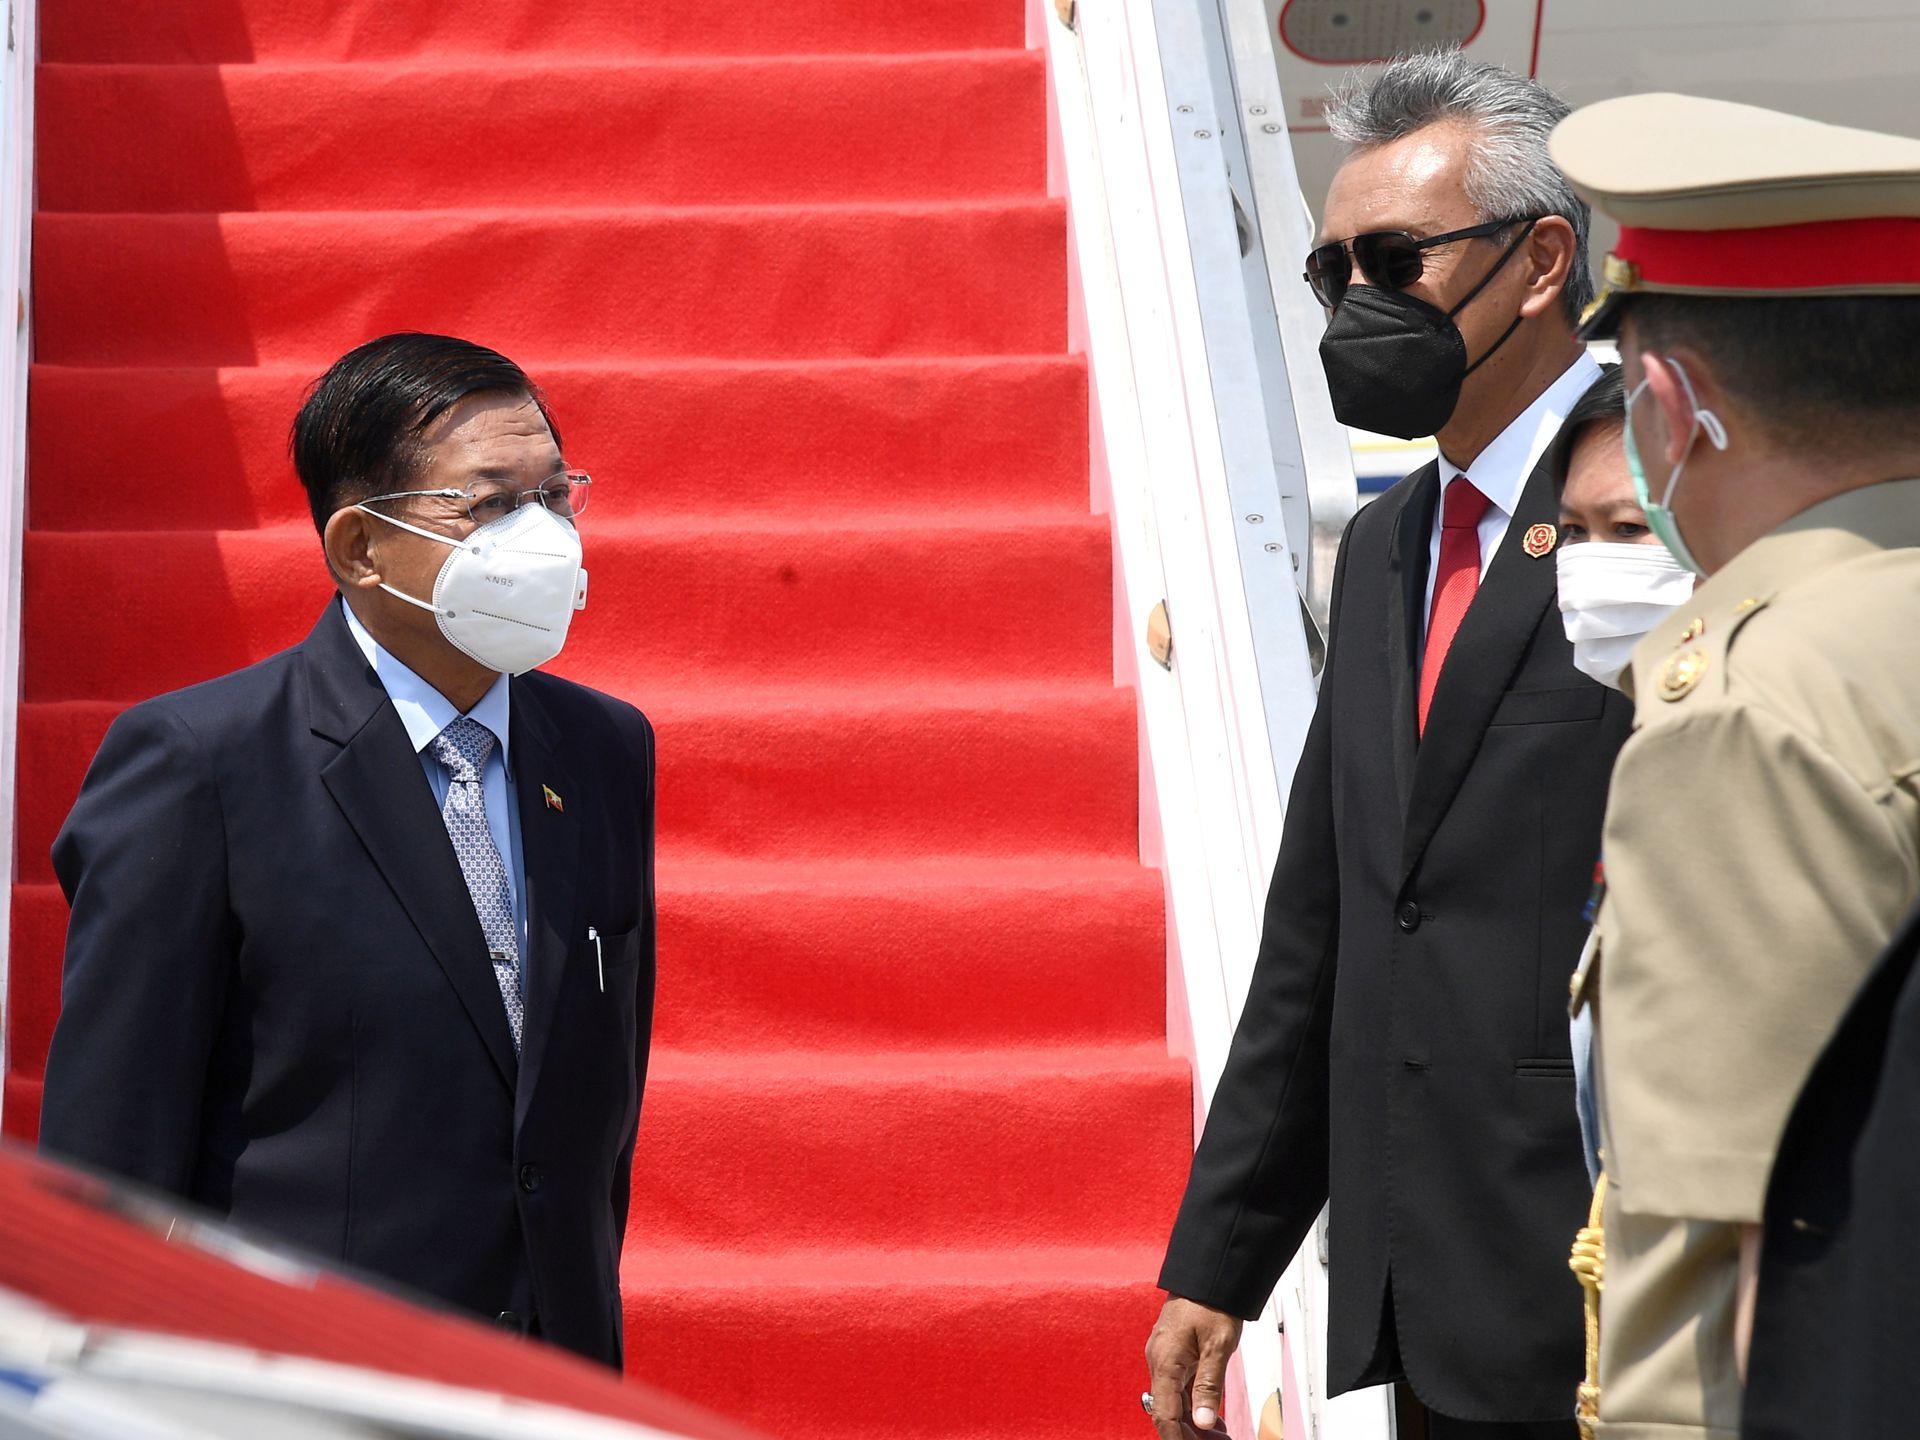 Thống tướng Min Aung Hlaing (trái) đến Indonesia vào trưa 24/4 để dự họp cùng các lãnh đạo ASEAN. Ảnh: Reuters.